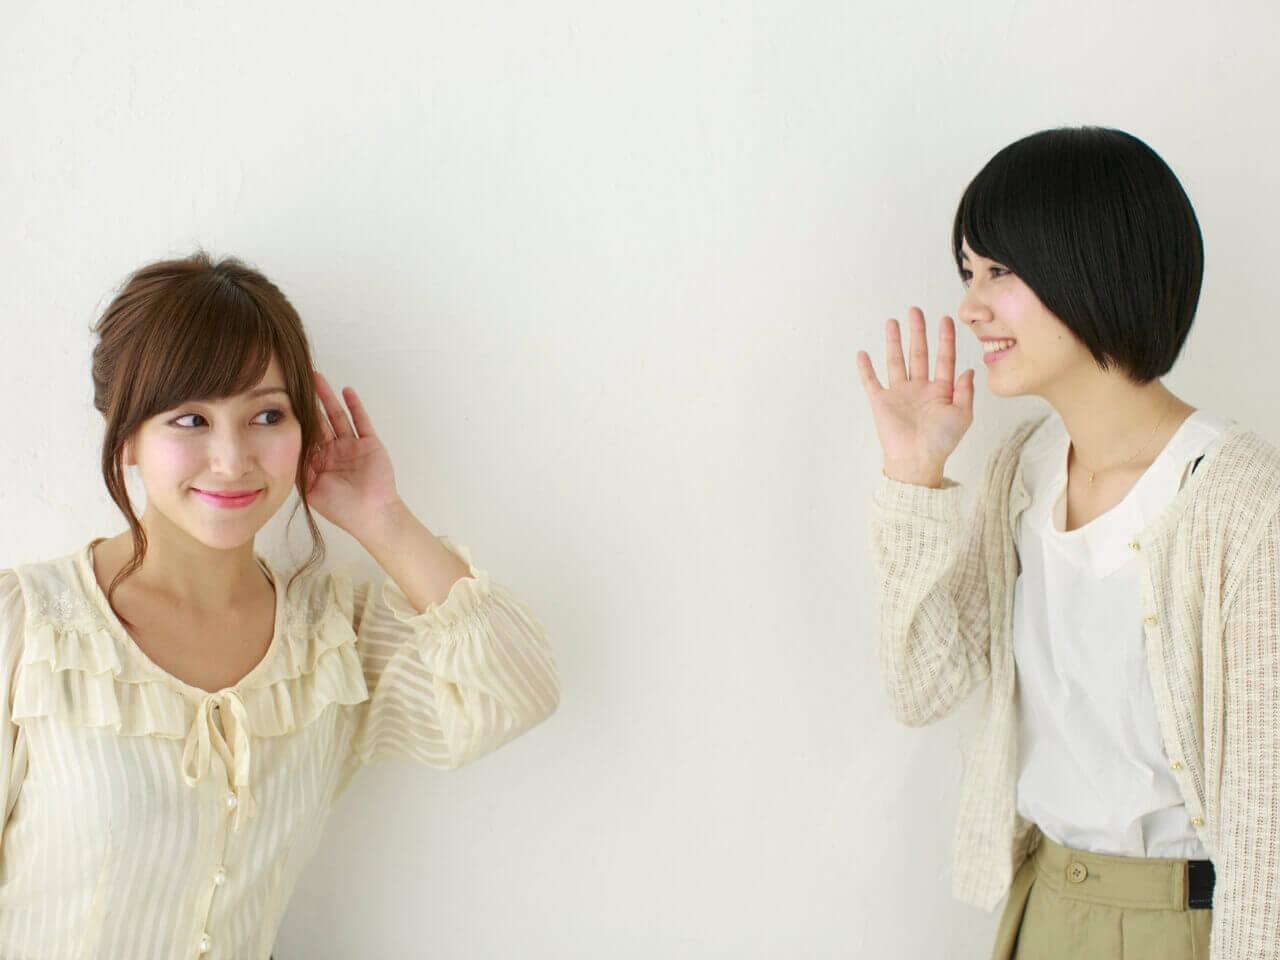 呼びかける女性と耳を傾ける女性